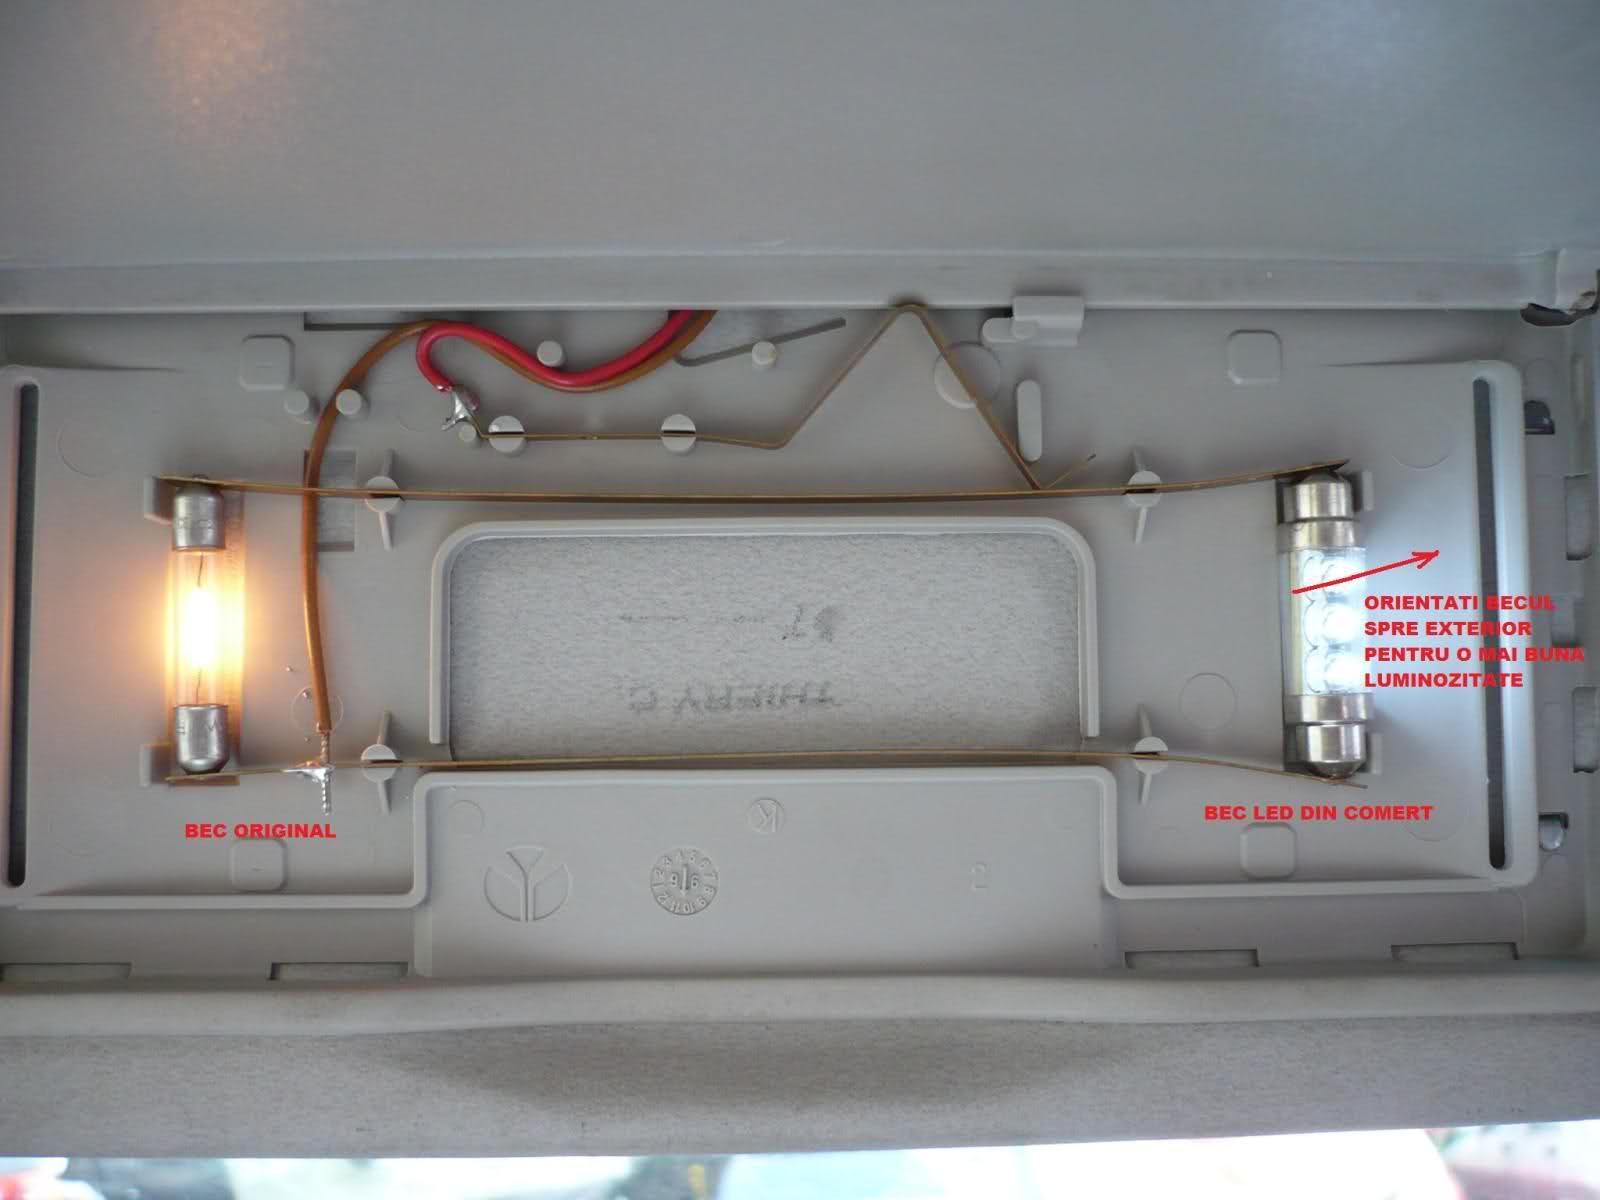 Tutorial inlocuire becuri in parasolare Vectra B 8y8j0w